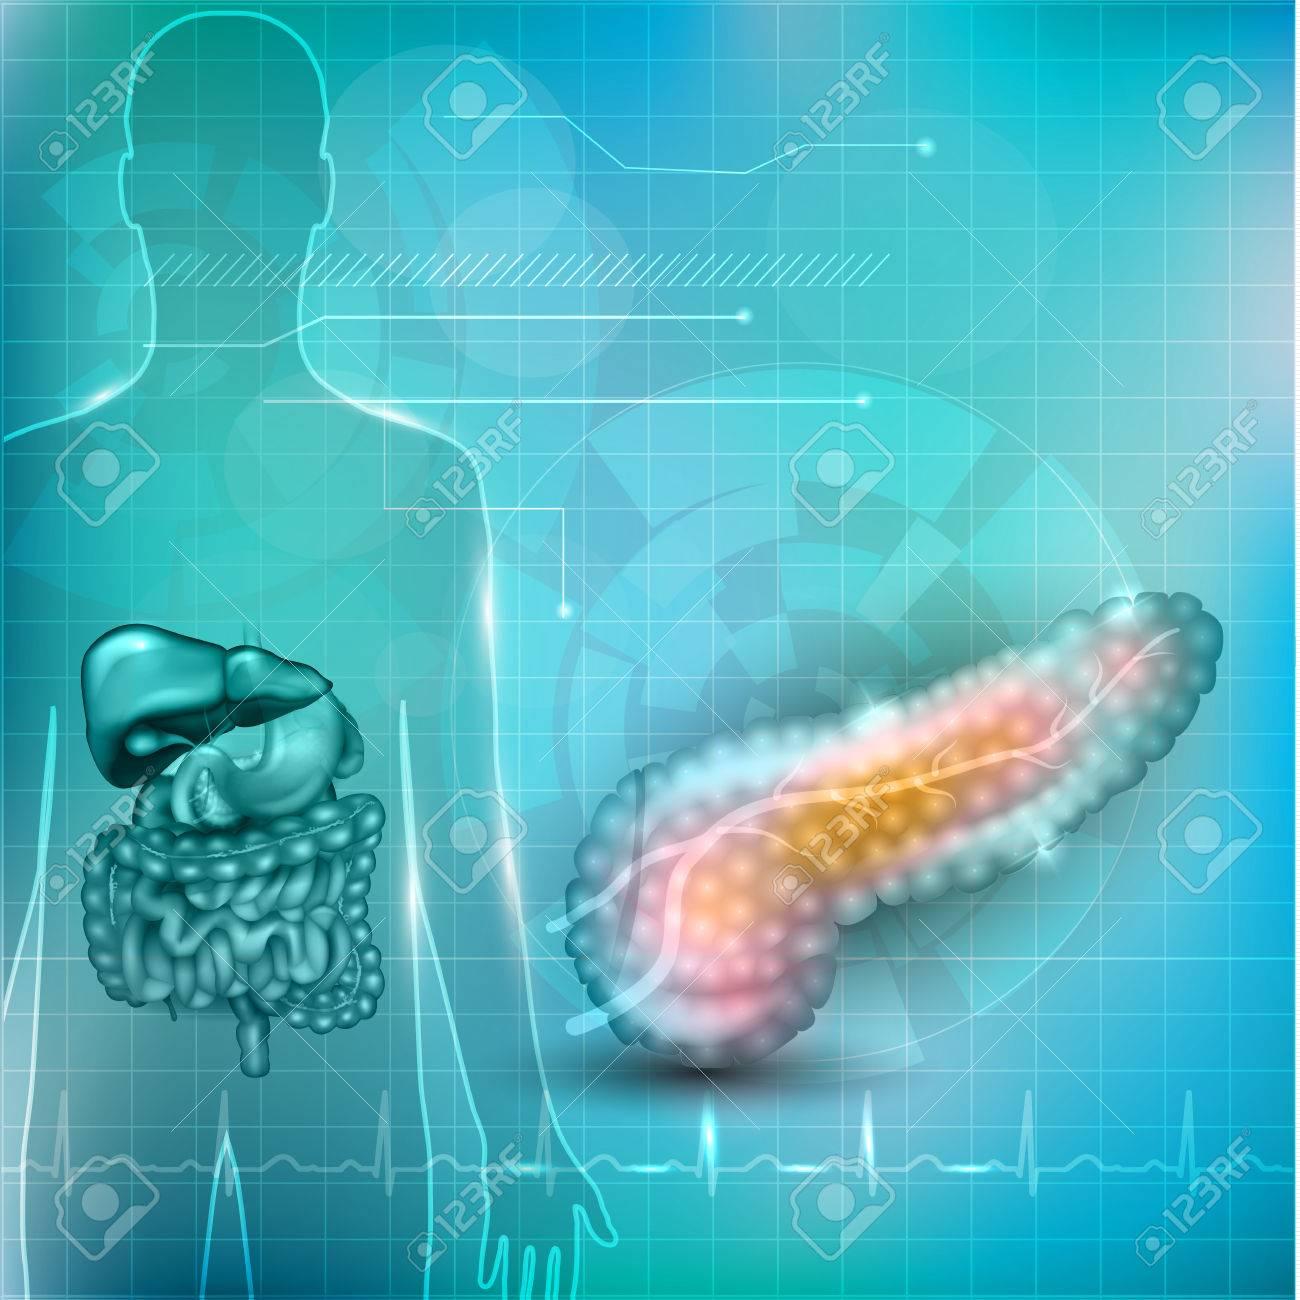 Anatomía Páncreas Y El Concepto De Tratamiento, La Silueta Humana ...